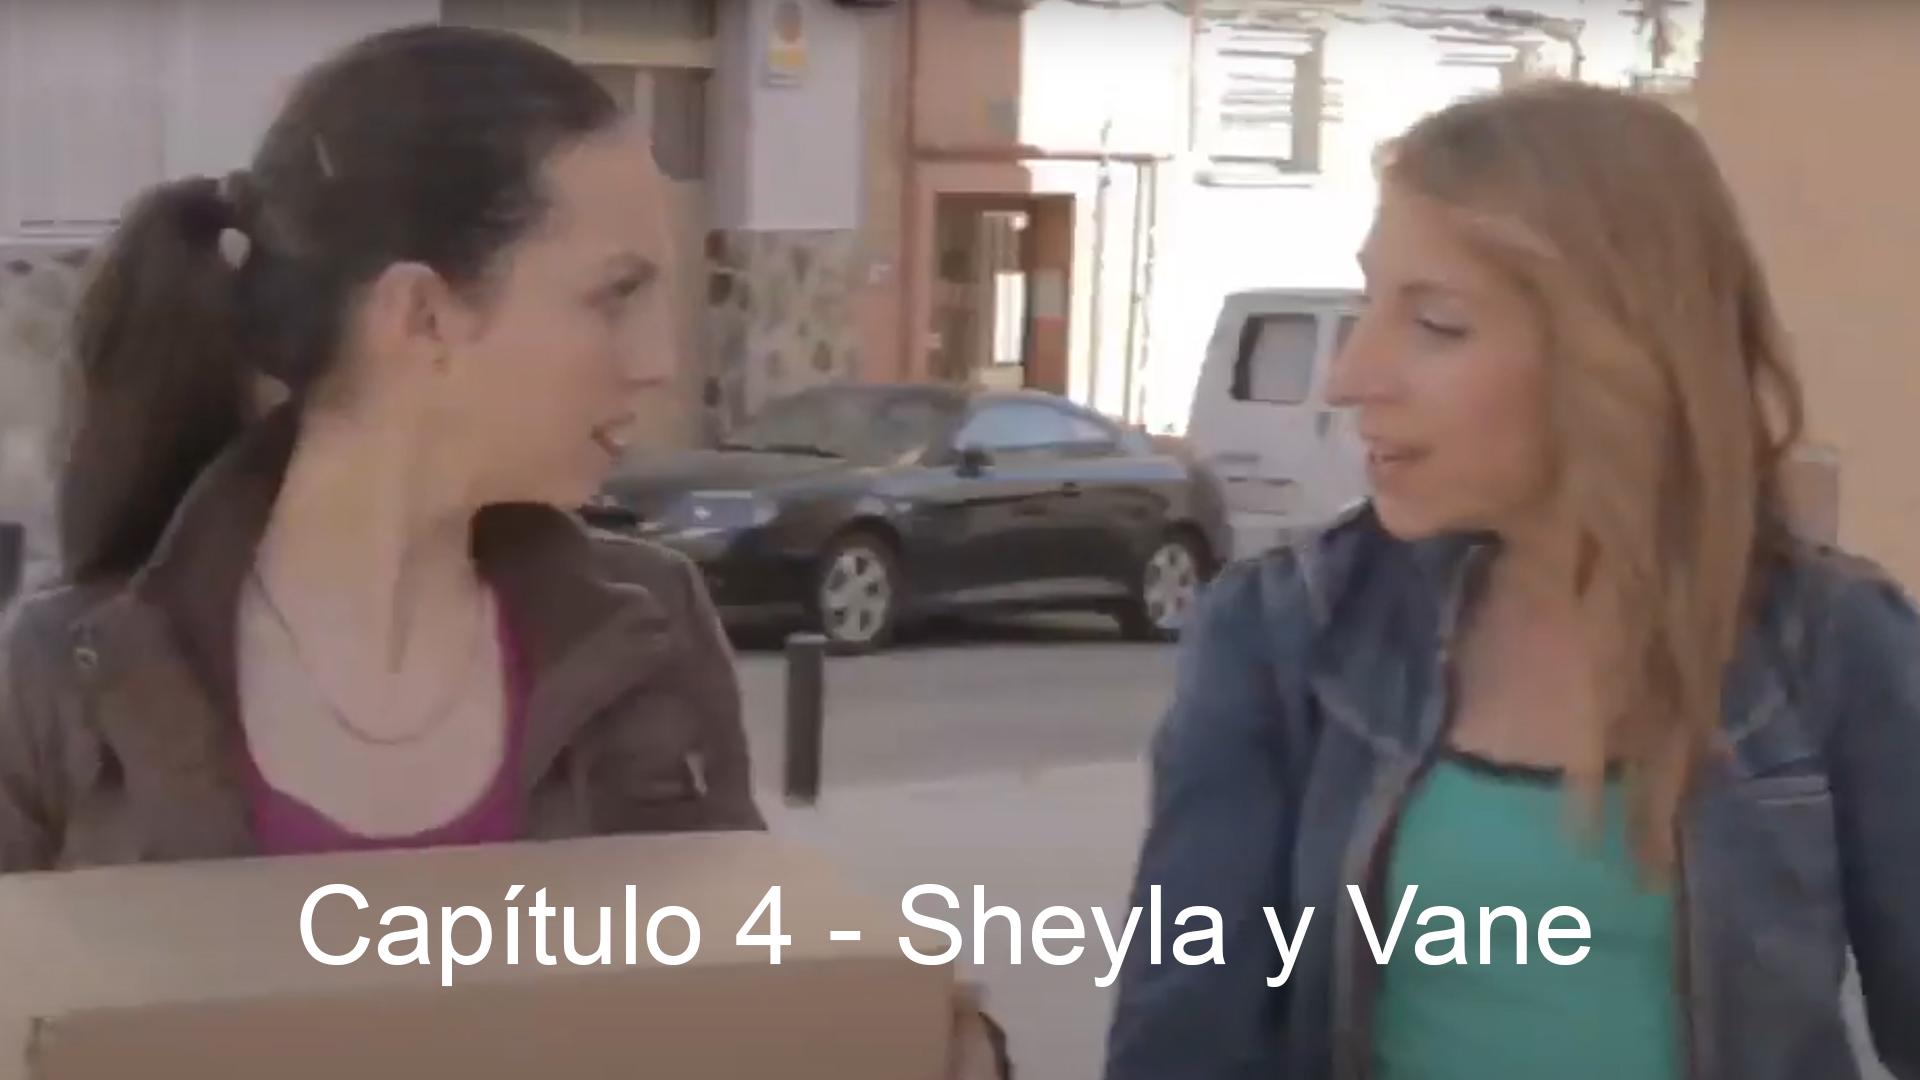 Sheyla y Vane